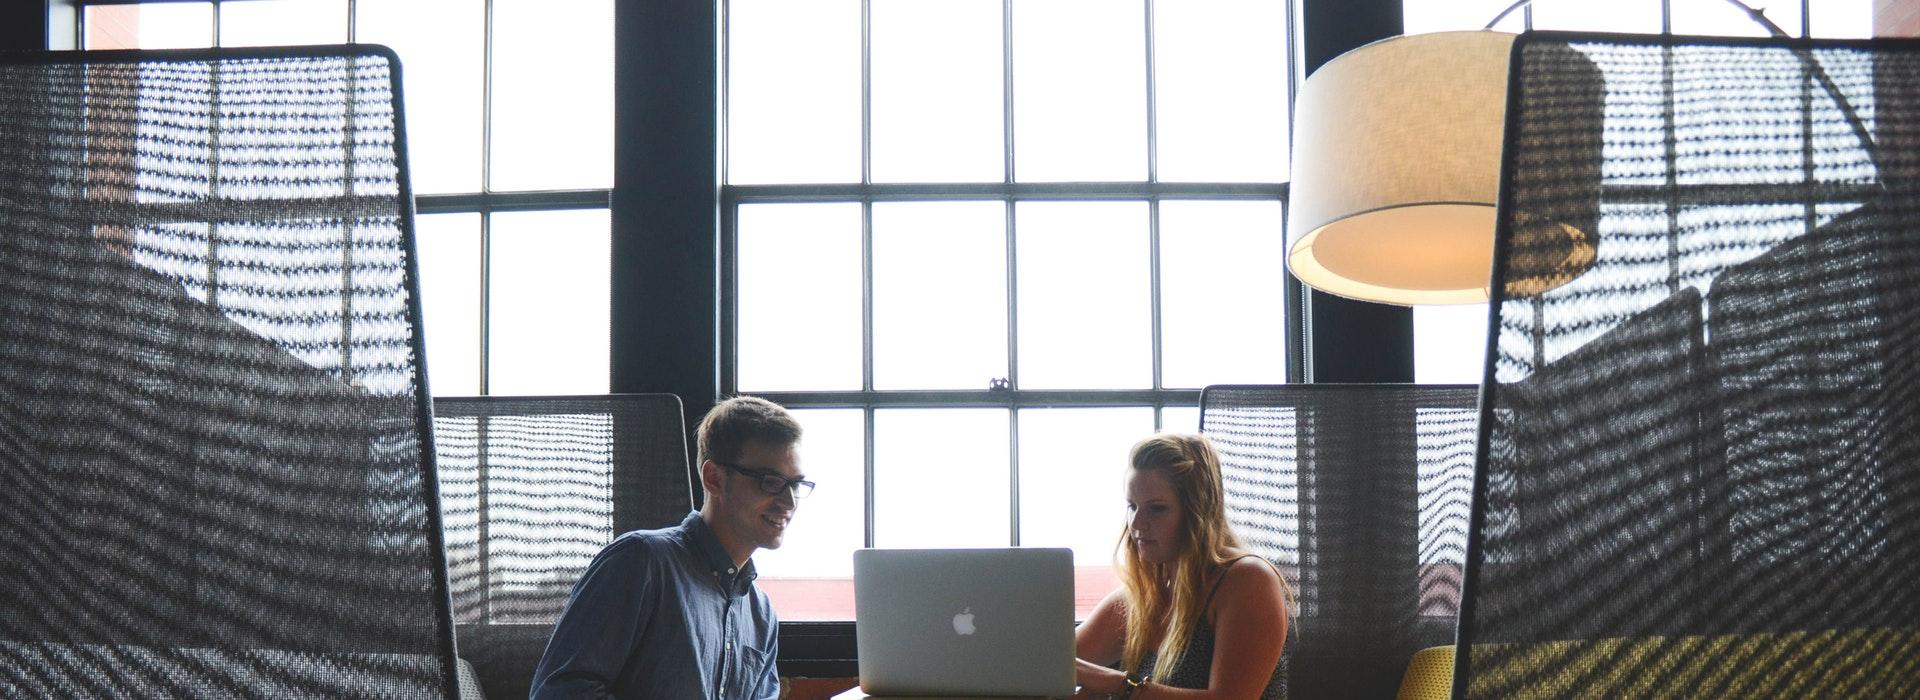 deux professionnels assis à une table